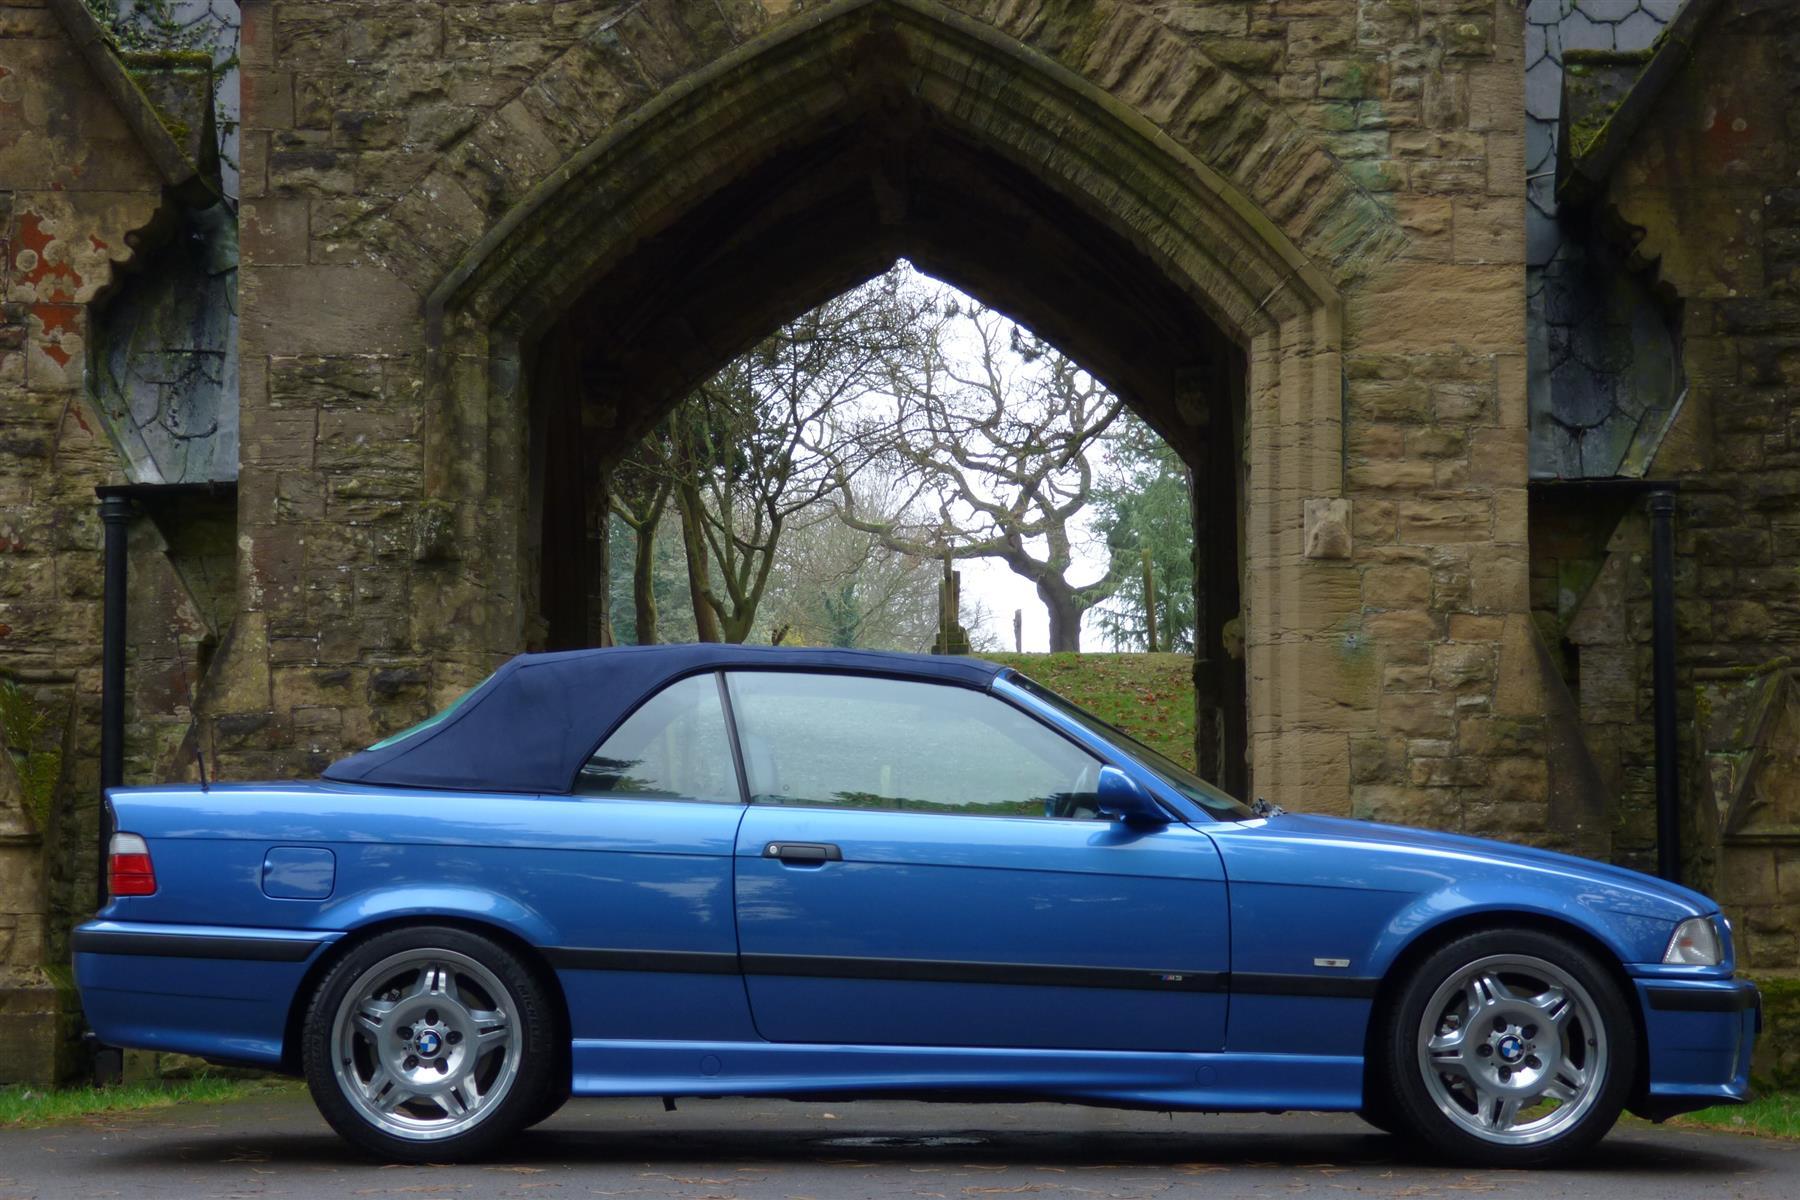 BMW-M3-E36-Cabriolet.jpg